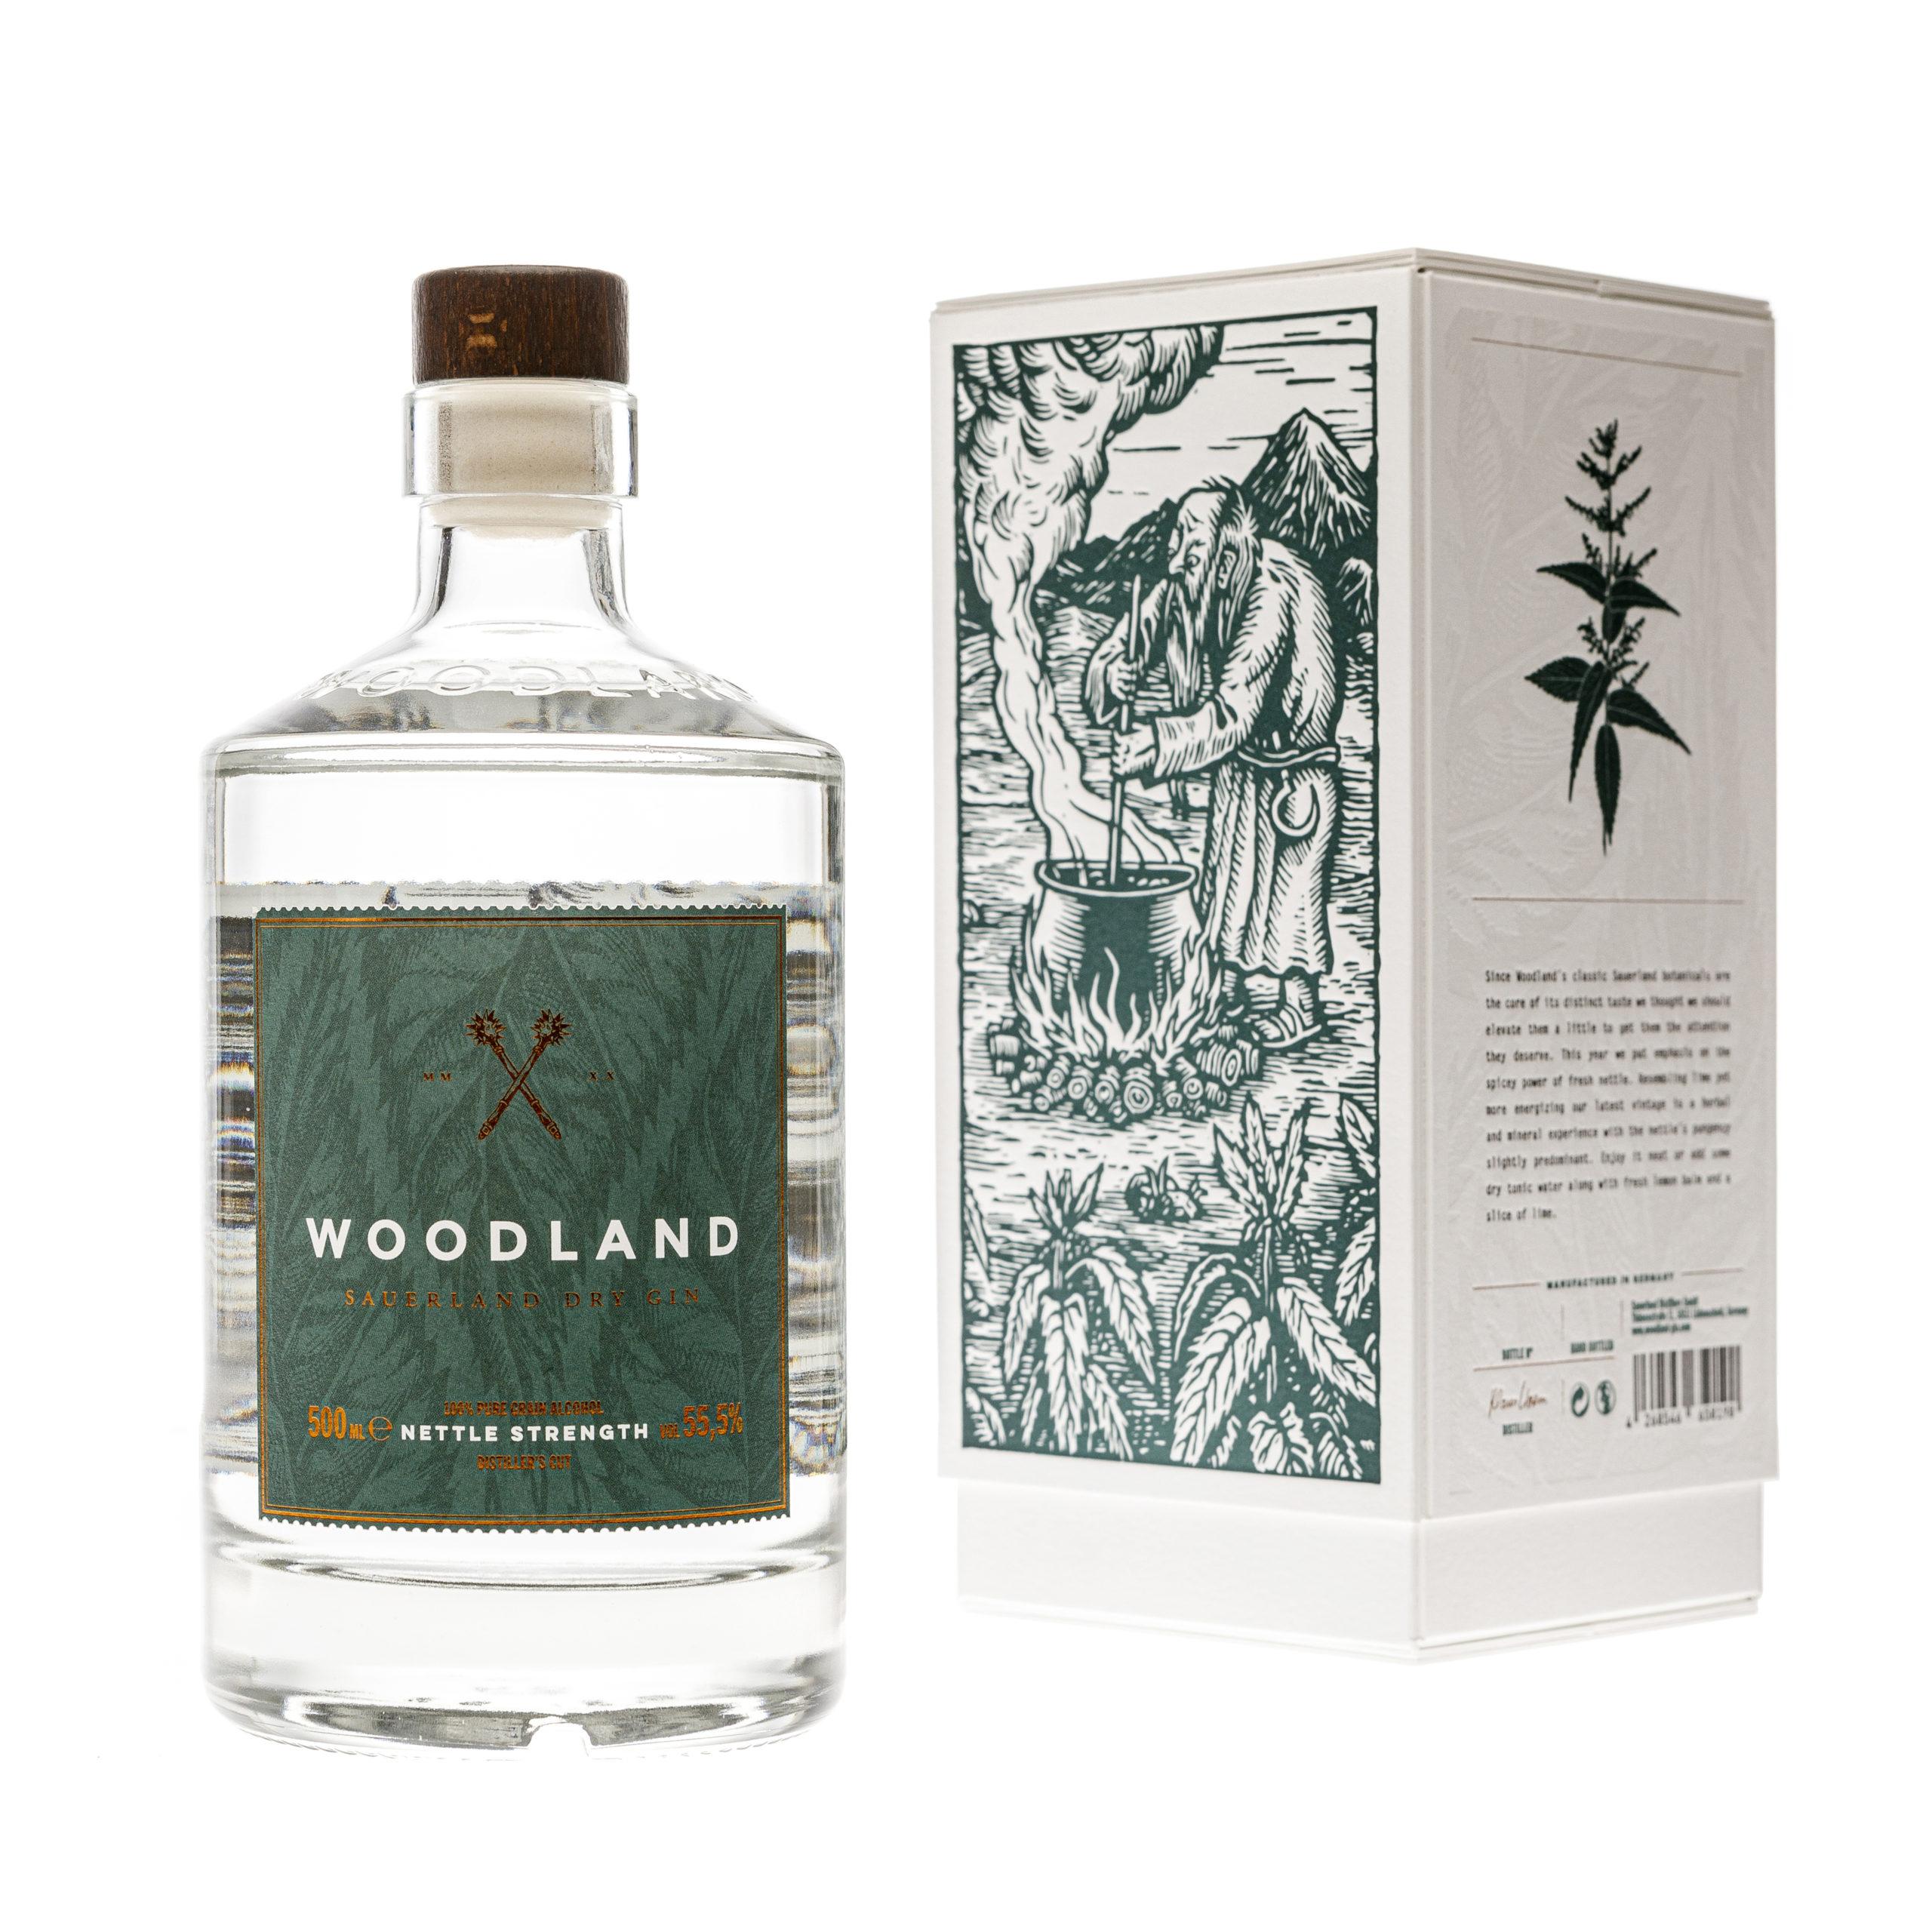 Woodland Nettle Strength Distillers Cut